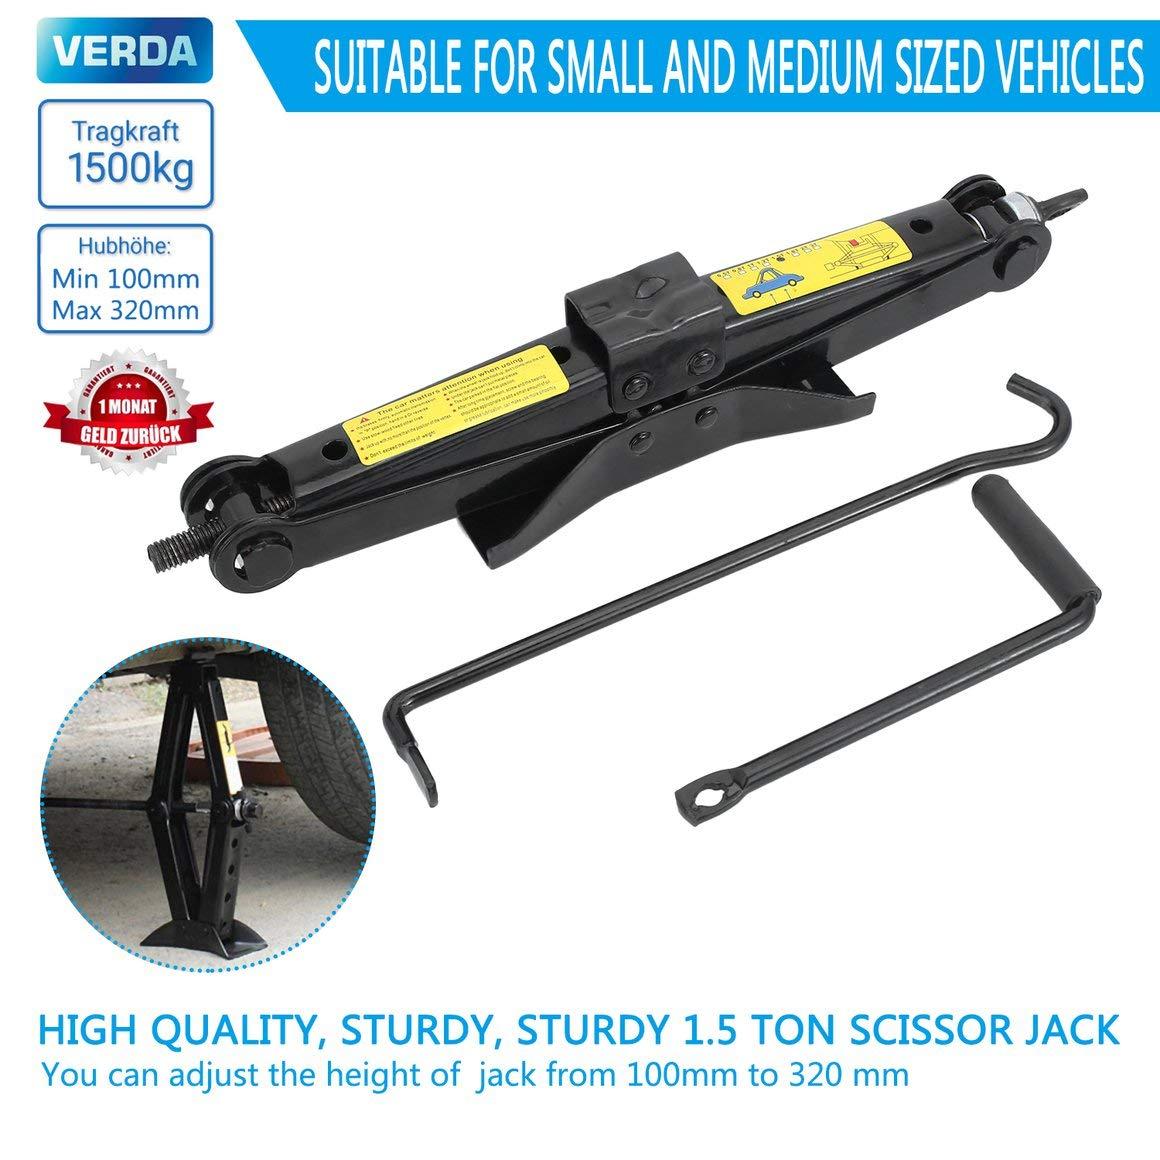 Funnyrunstore 1500kg Heavy Duty Scissor Manual Car Jacks Plataforma de elevaci/ón Herramienta profesional de reemplazo de rueda de neum/ático de elevaci/ón de autom/óvil